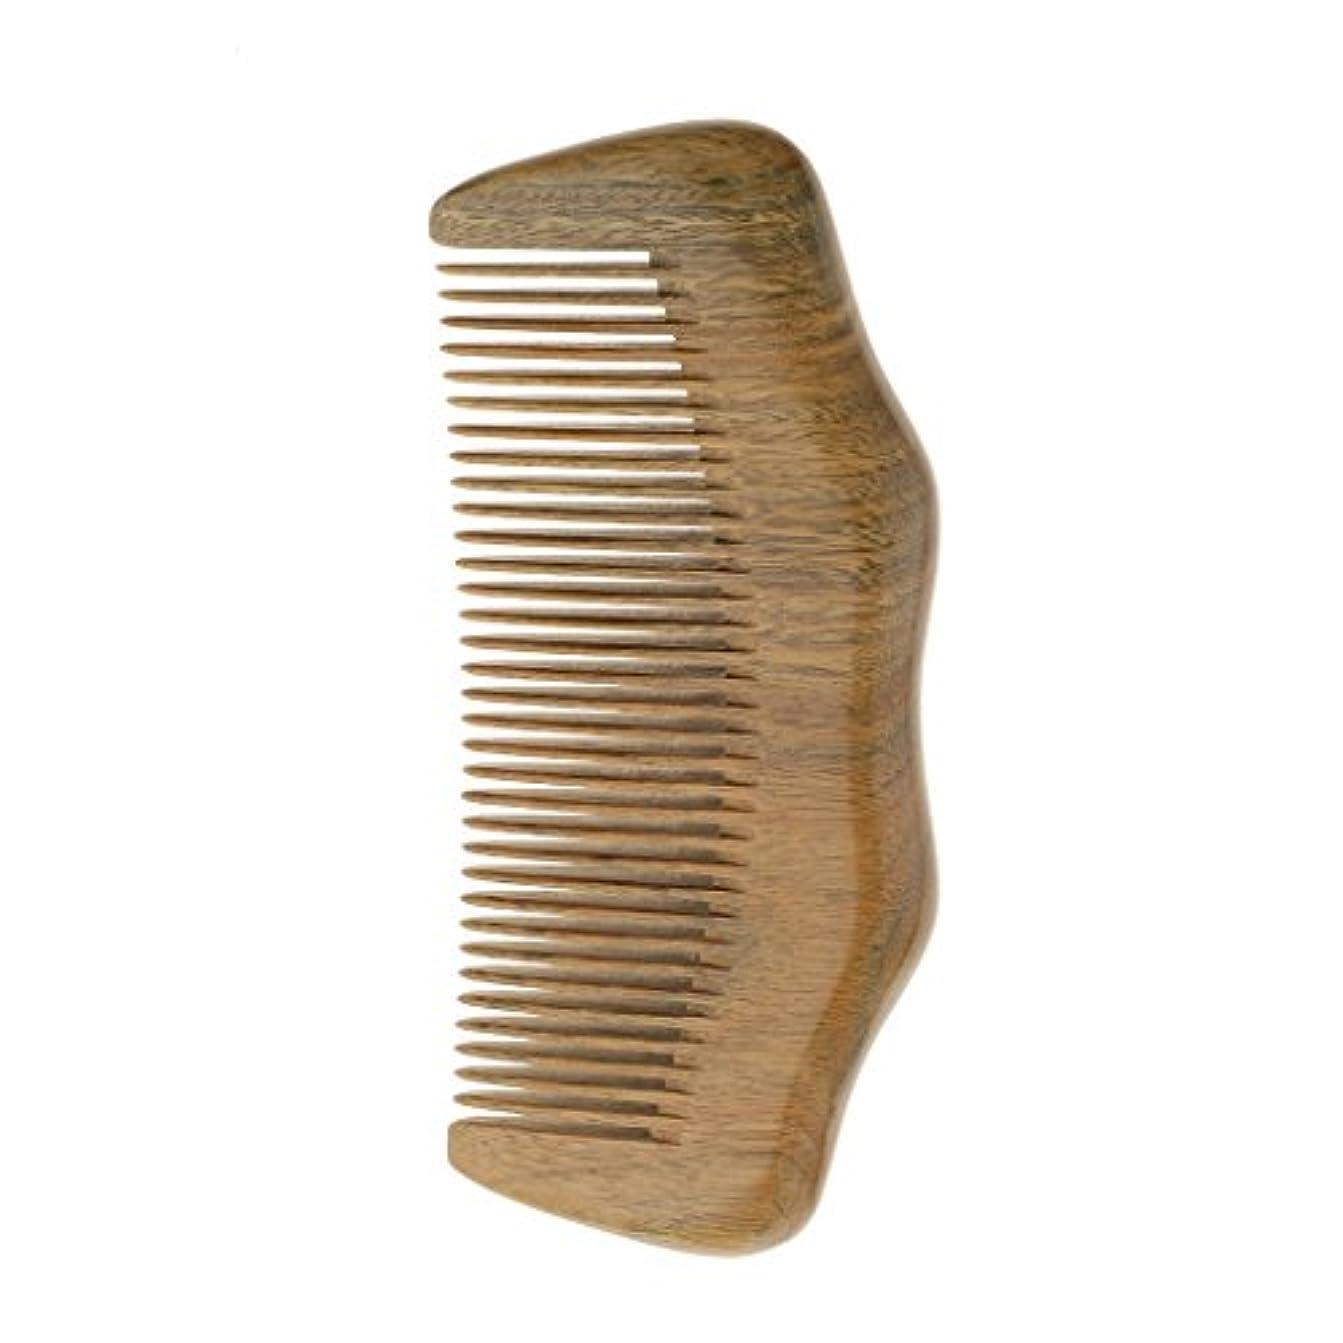 ゲートスラム街蒸留するCUTICATE ナチュラル ビャクダンの櫛 広い歯の帯電防止 ヘッドマッサージ ヘアケアウッド